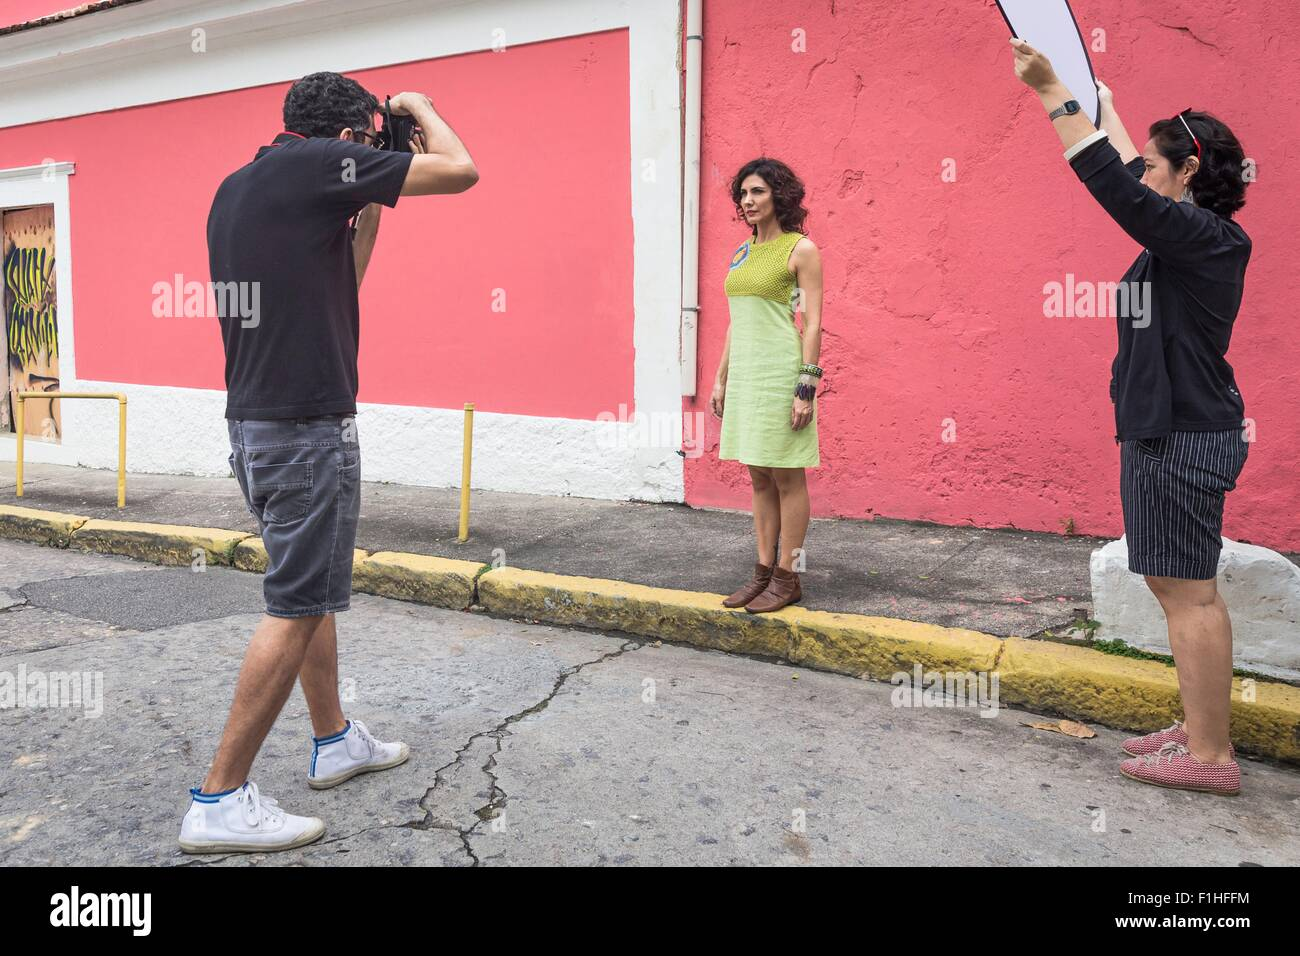 Dans les coulisses d'une des photos de mode urbaine avec modèle féminin et masculin photographe Photo Stock